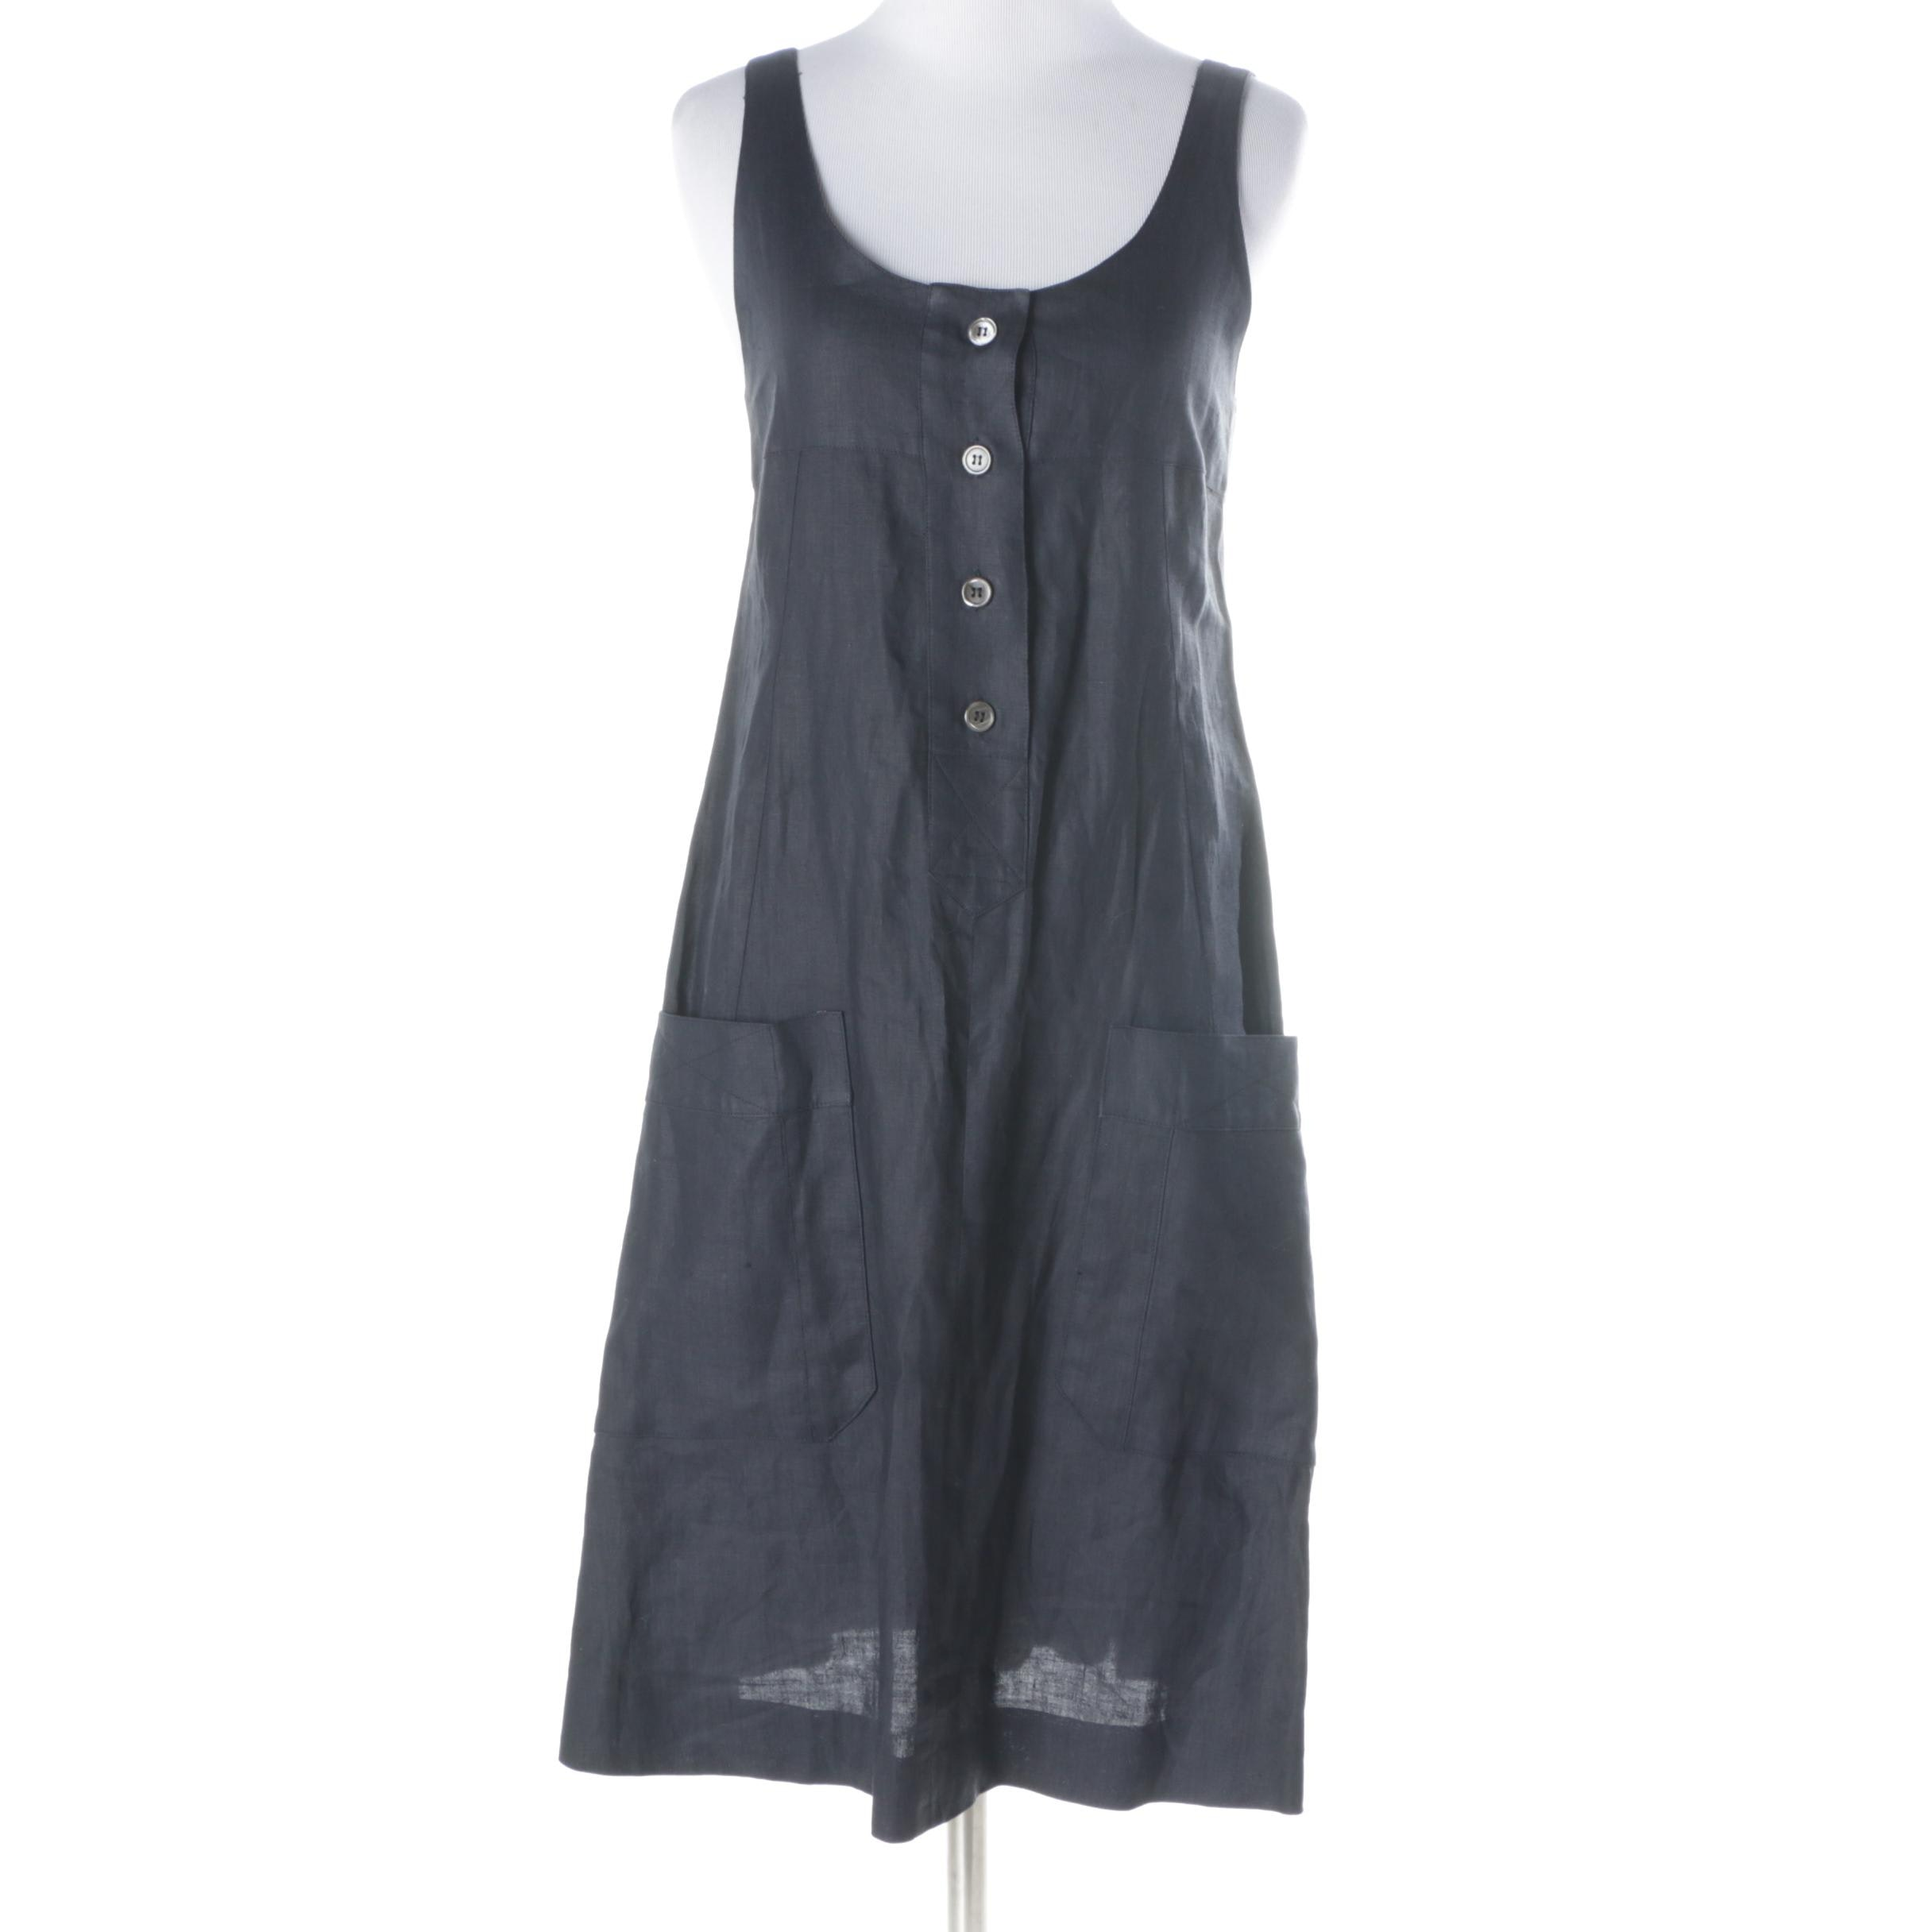 Vintage Karl Lagerfeld Sleeveless Linen Dress